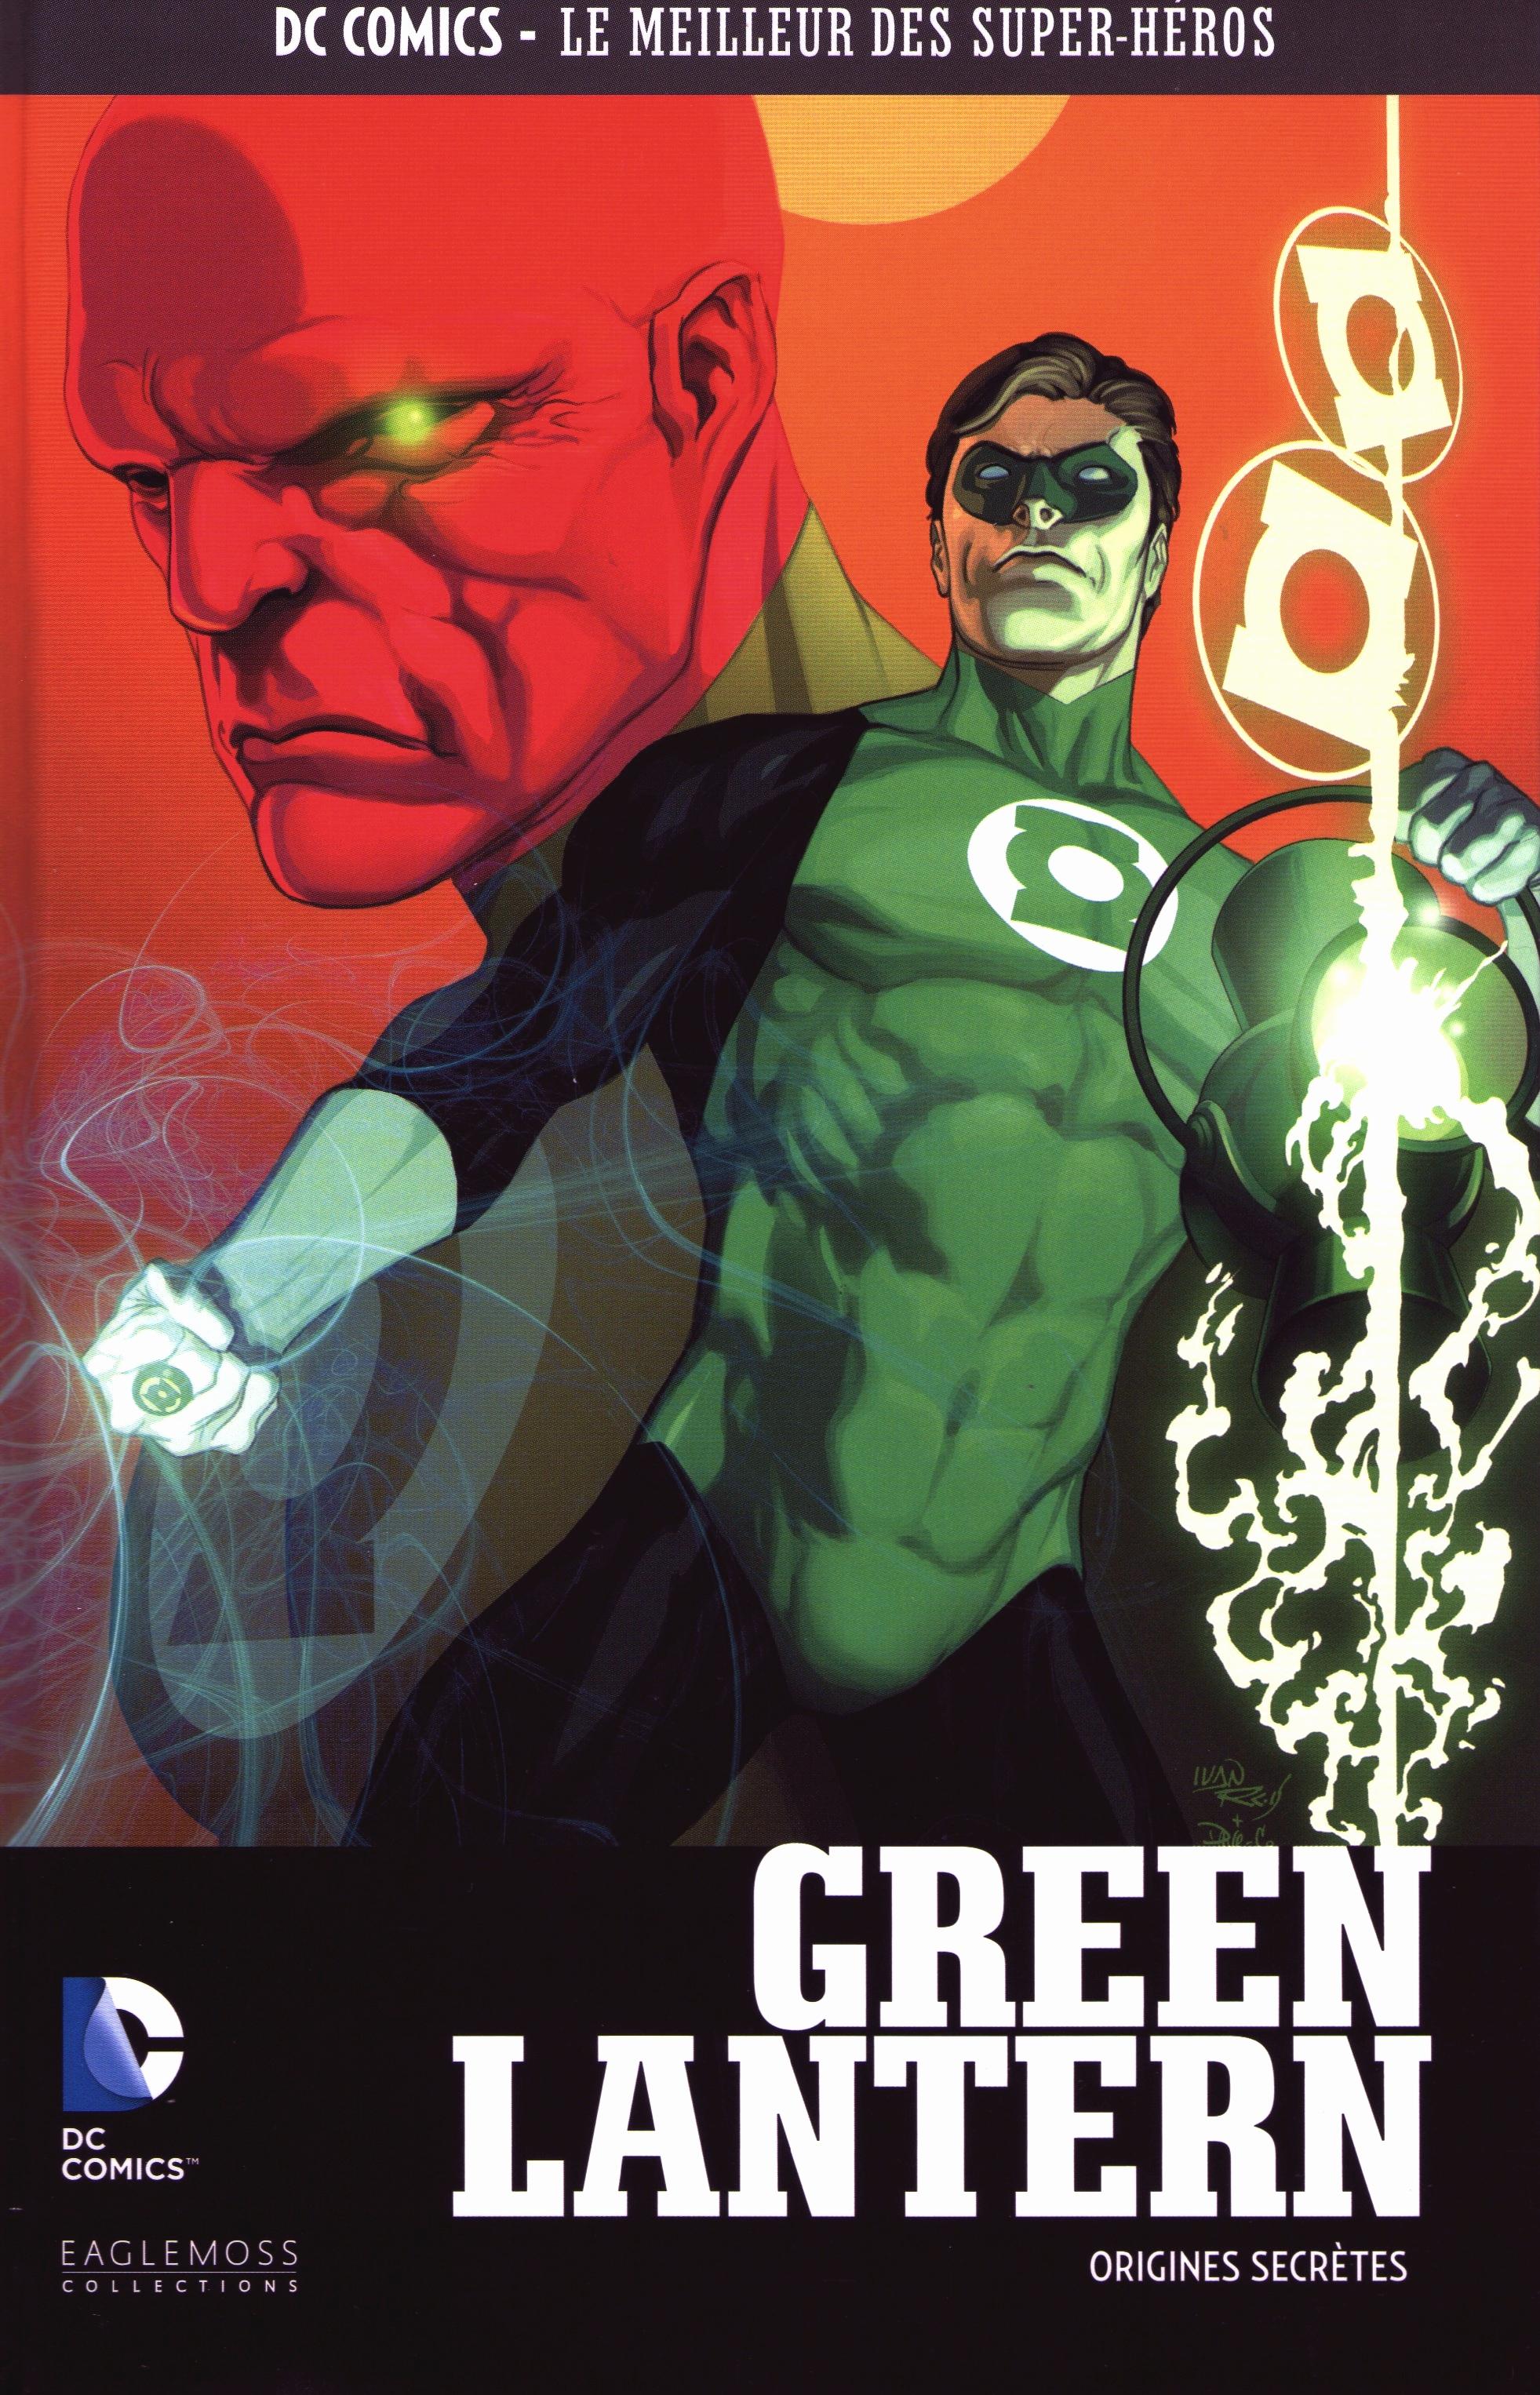 DC Comics - Le Meilleur des Super-Héros 15 - Green Lantern - Origine secrète